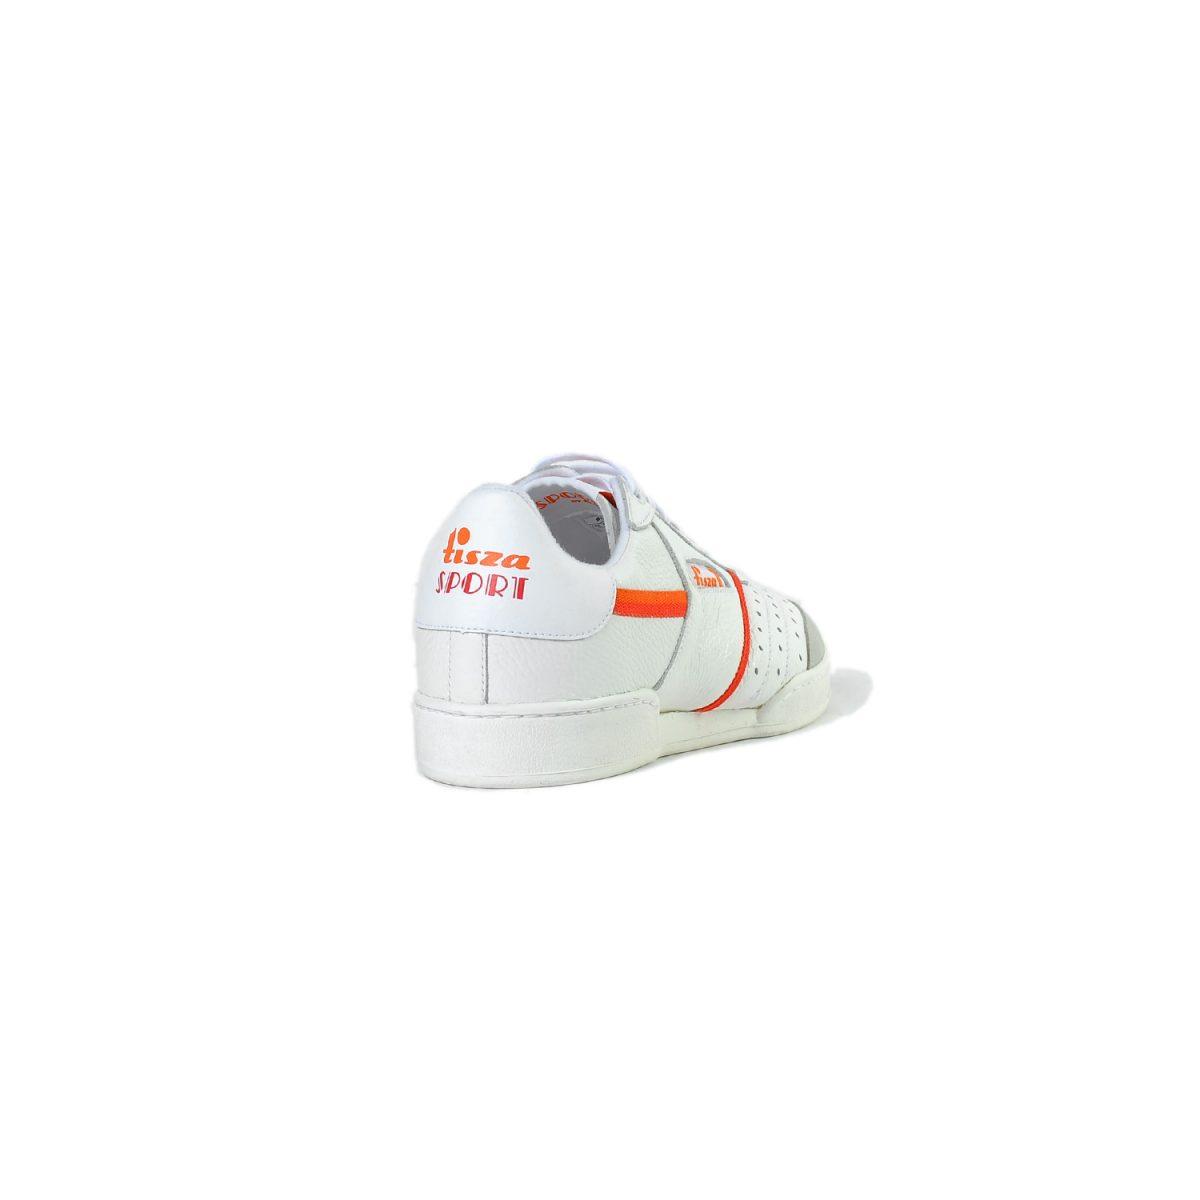 Tisza cipő - Sport - Fehér-piros-narancs